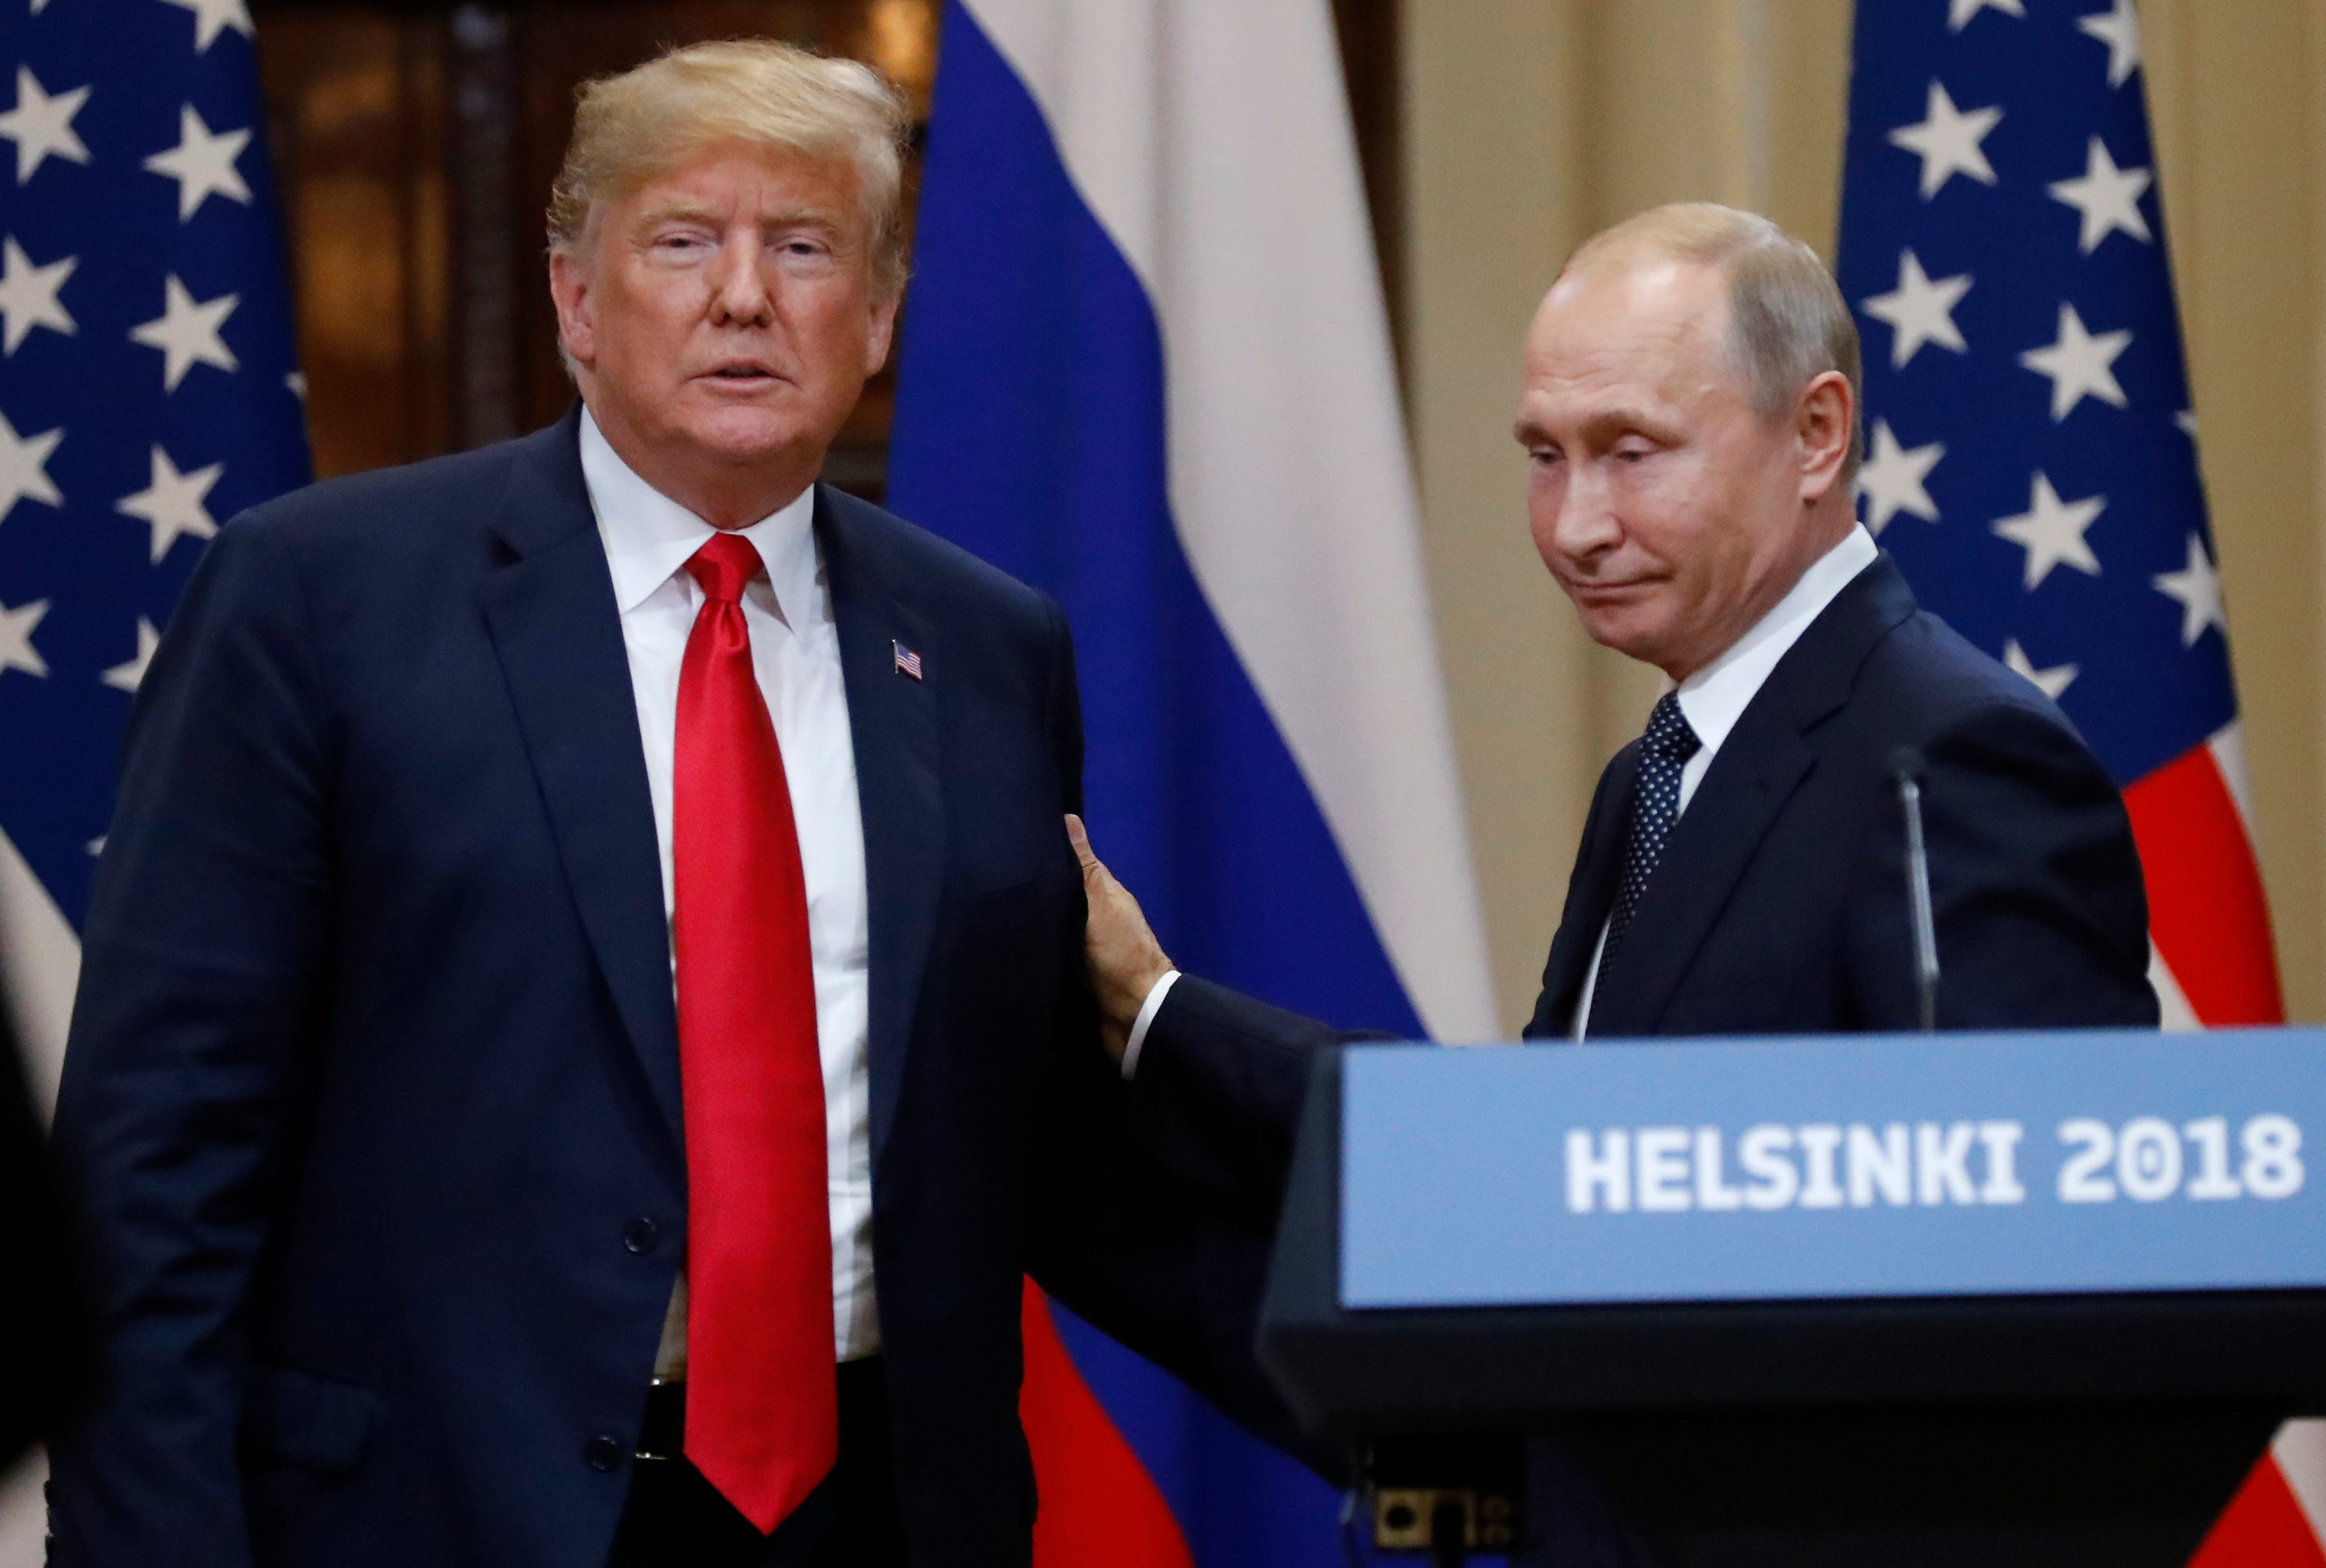 Donald Trump and Vladimir Putin: This story isn't going away